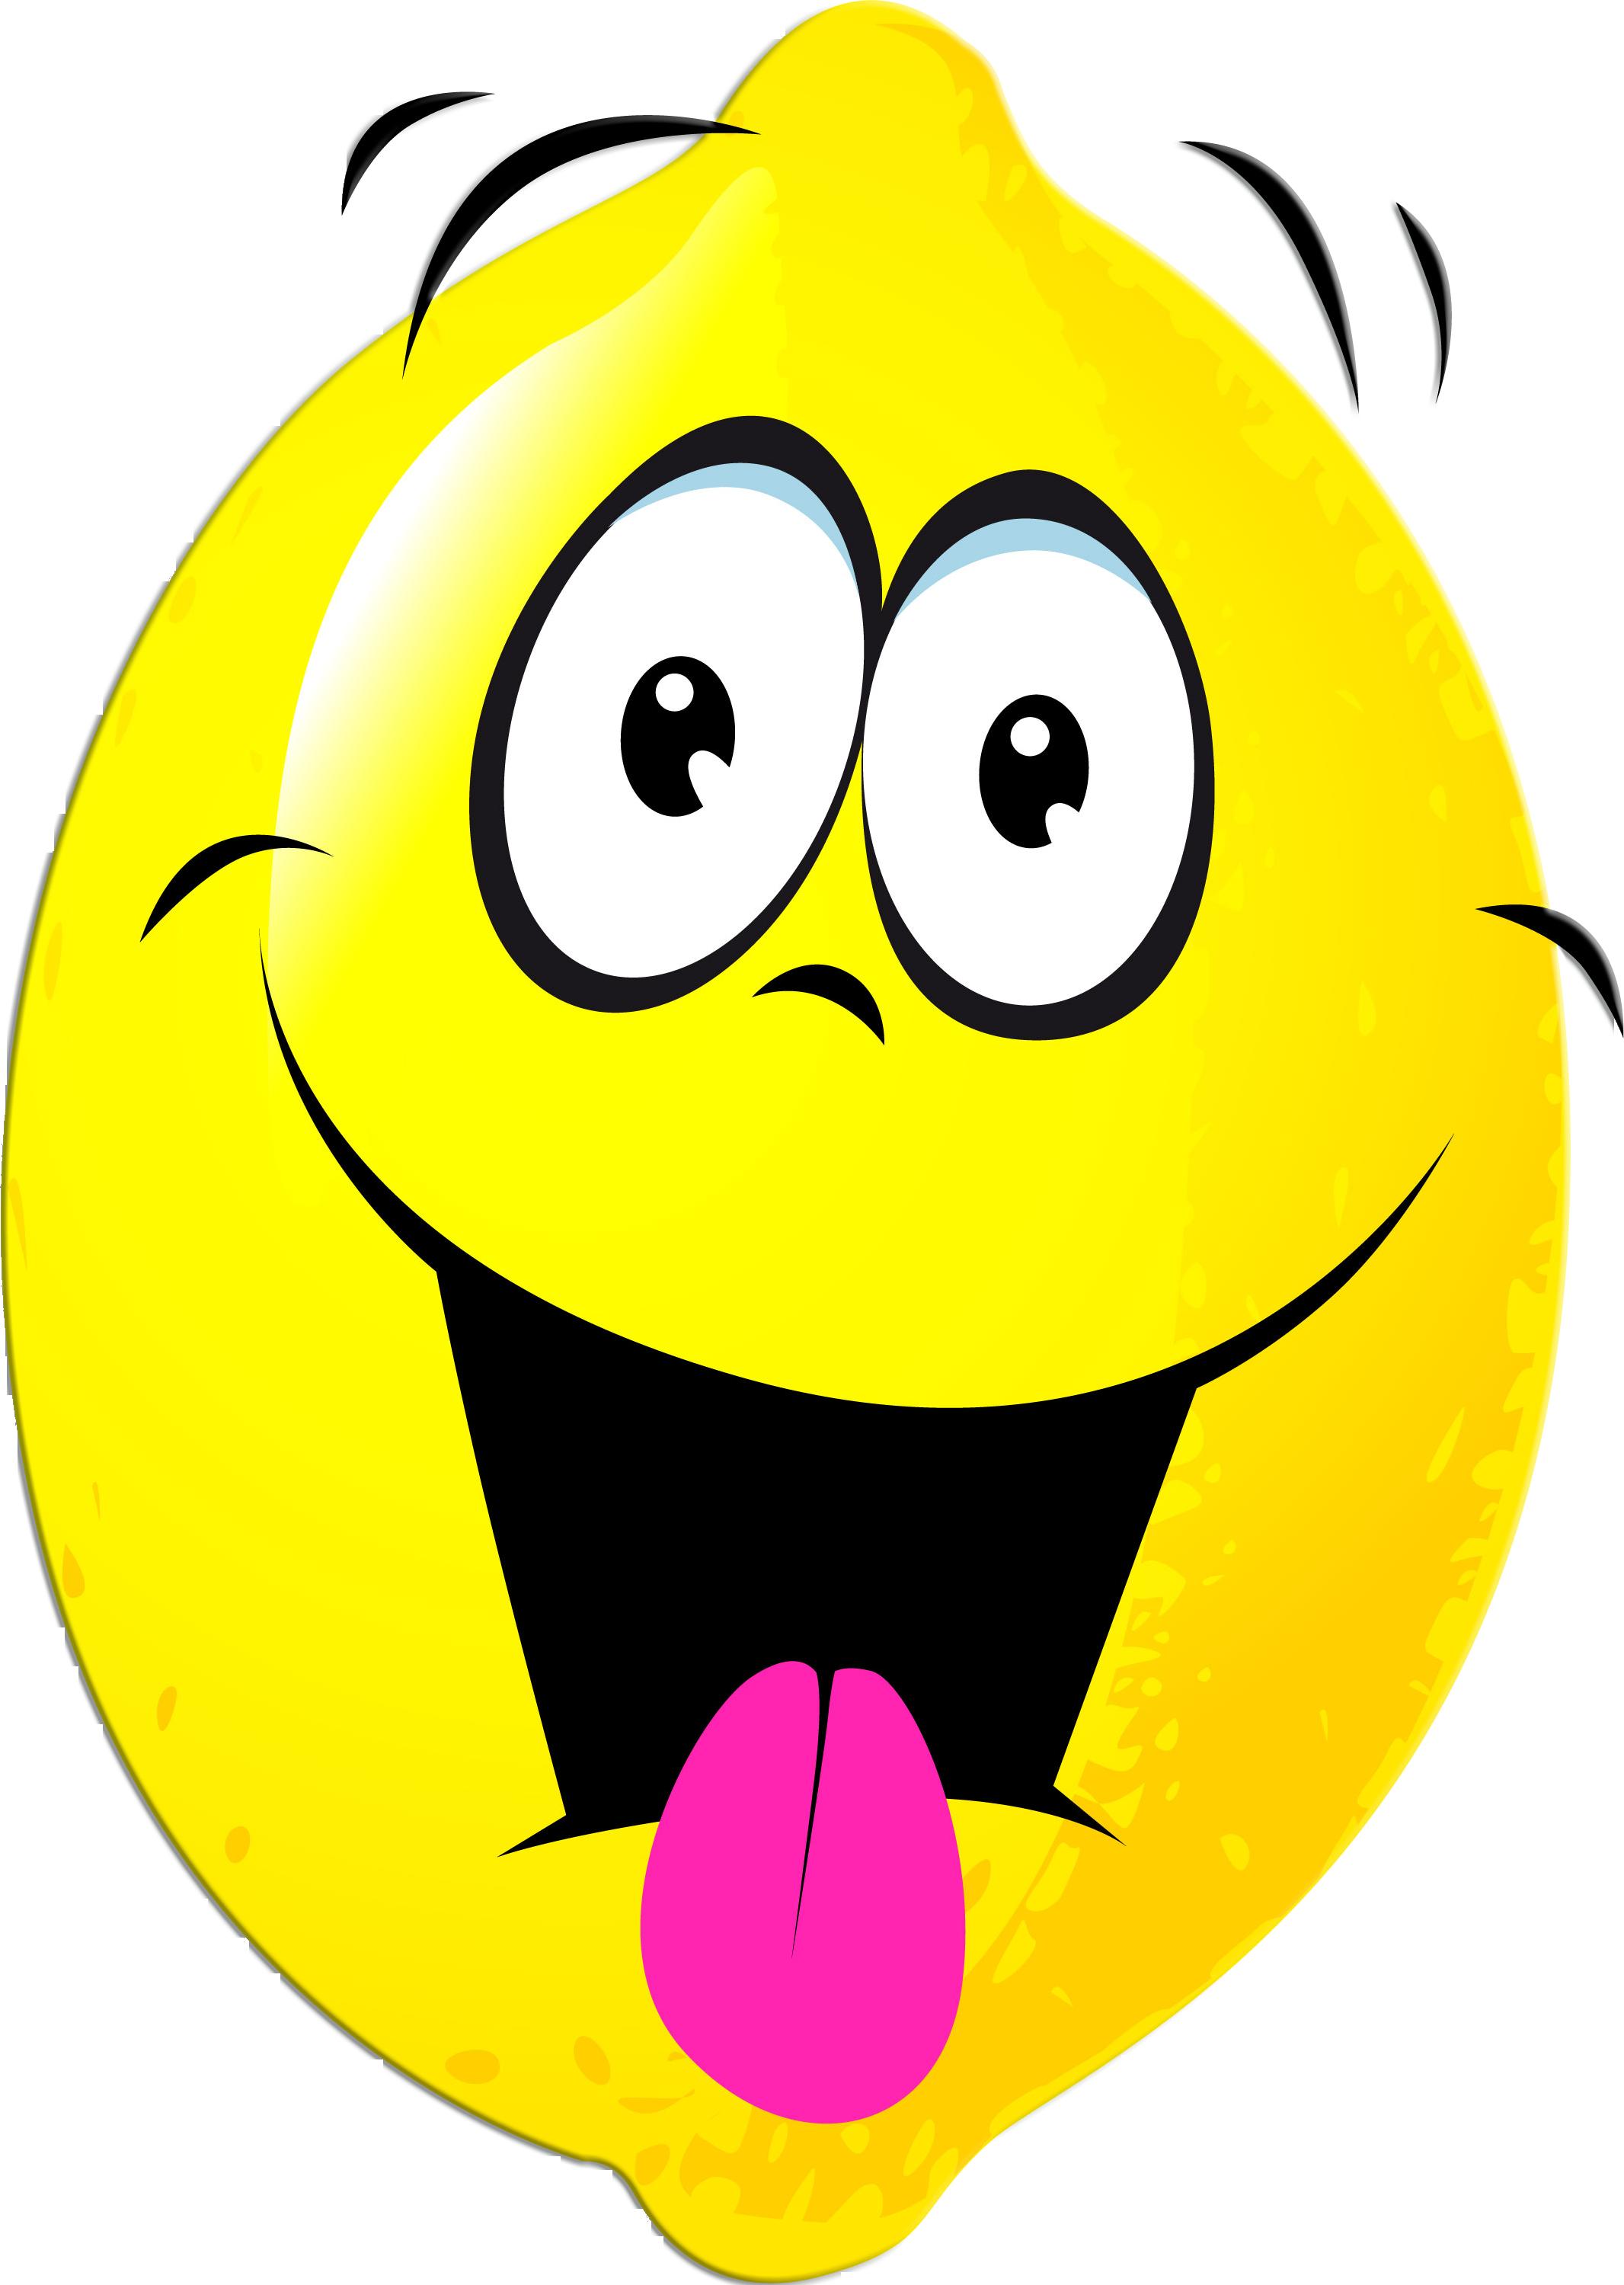 Lemons clipart smile. Drawing lemon clip art